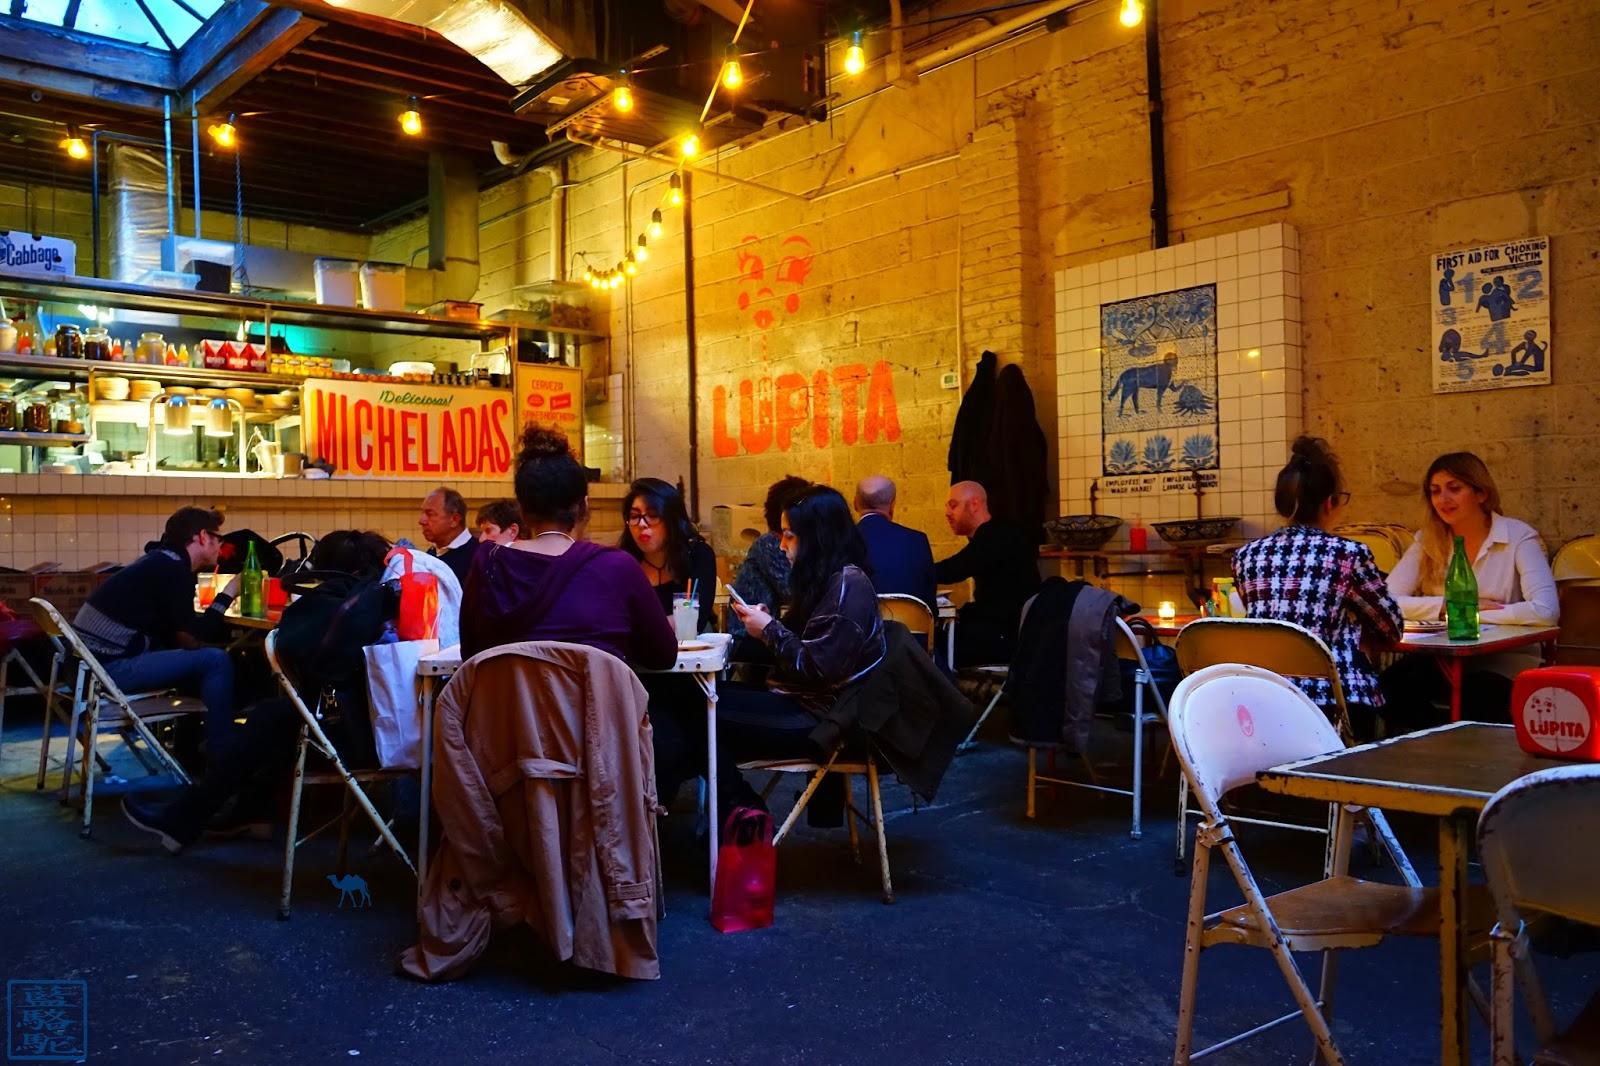 Le Chameau Bleu - Tacombi - Salle Restaurant de tacos à New York